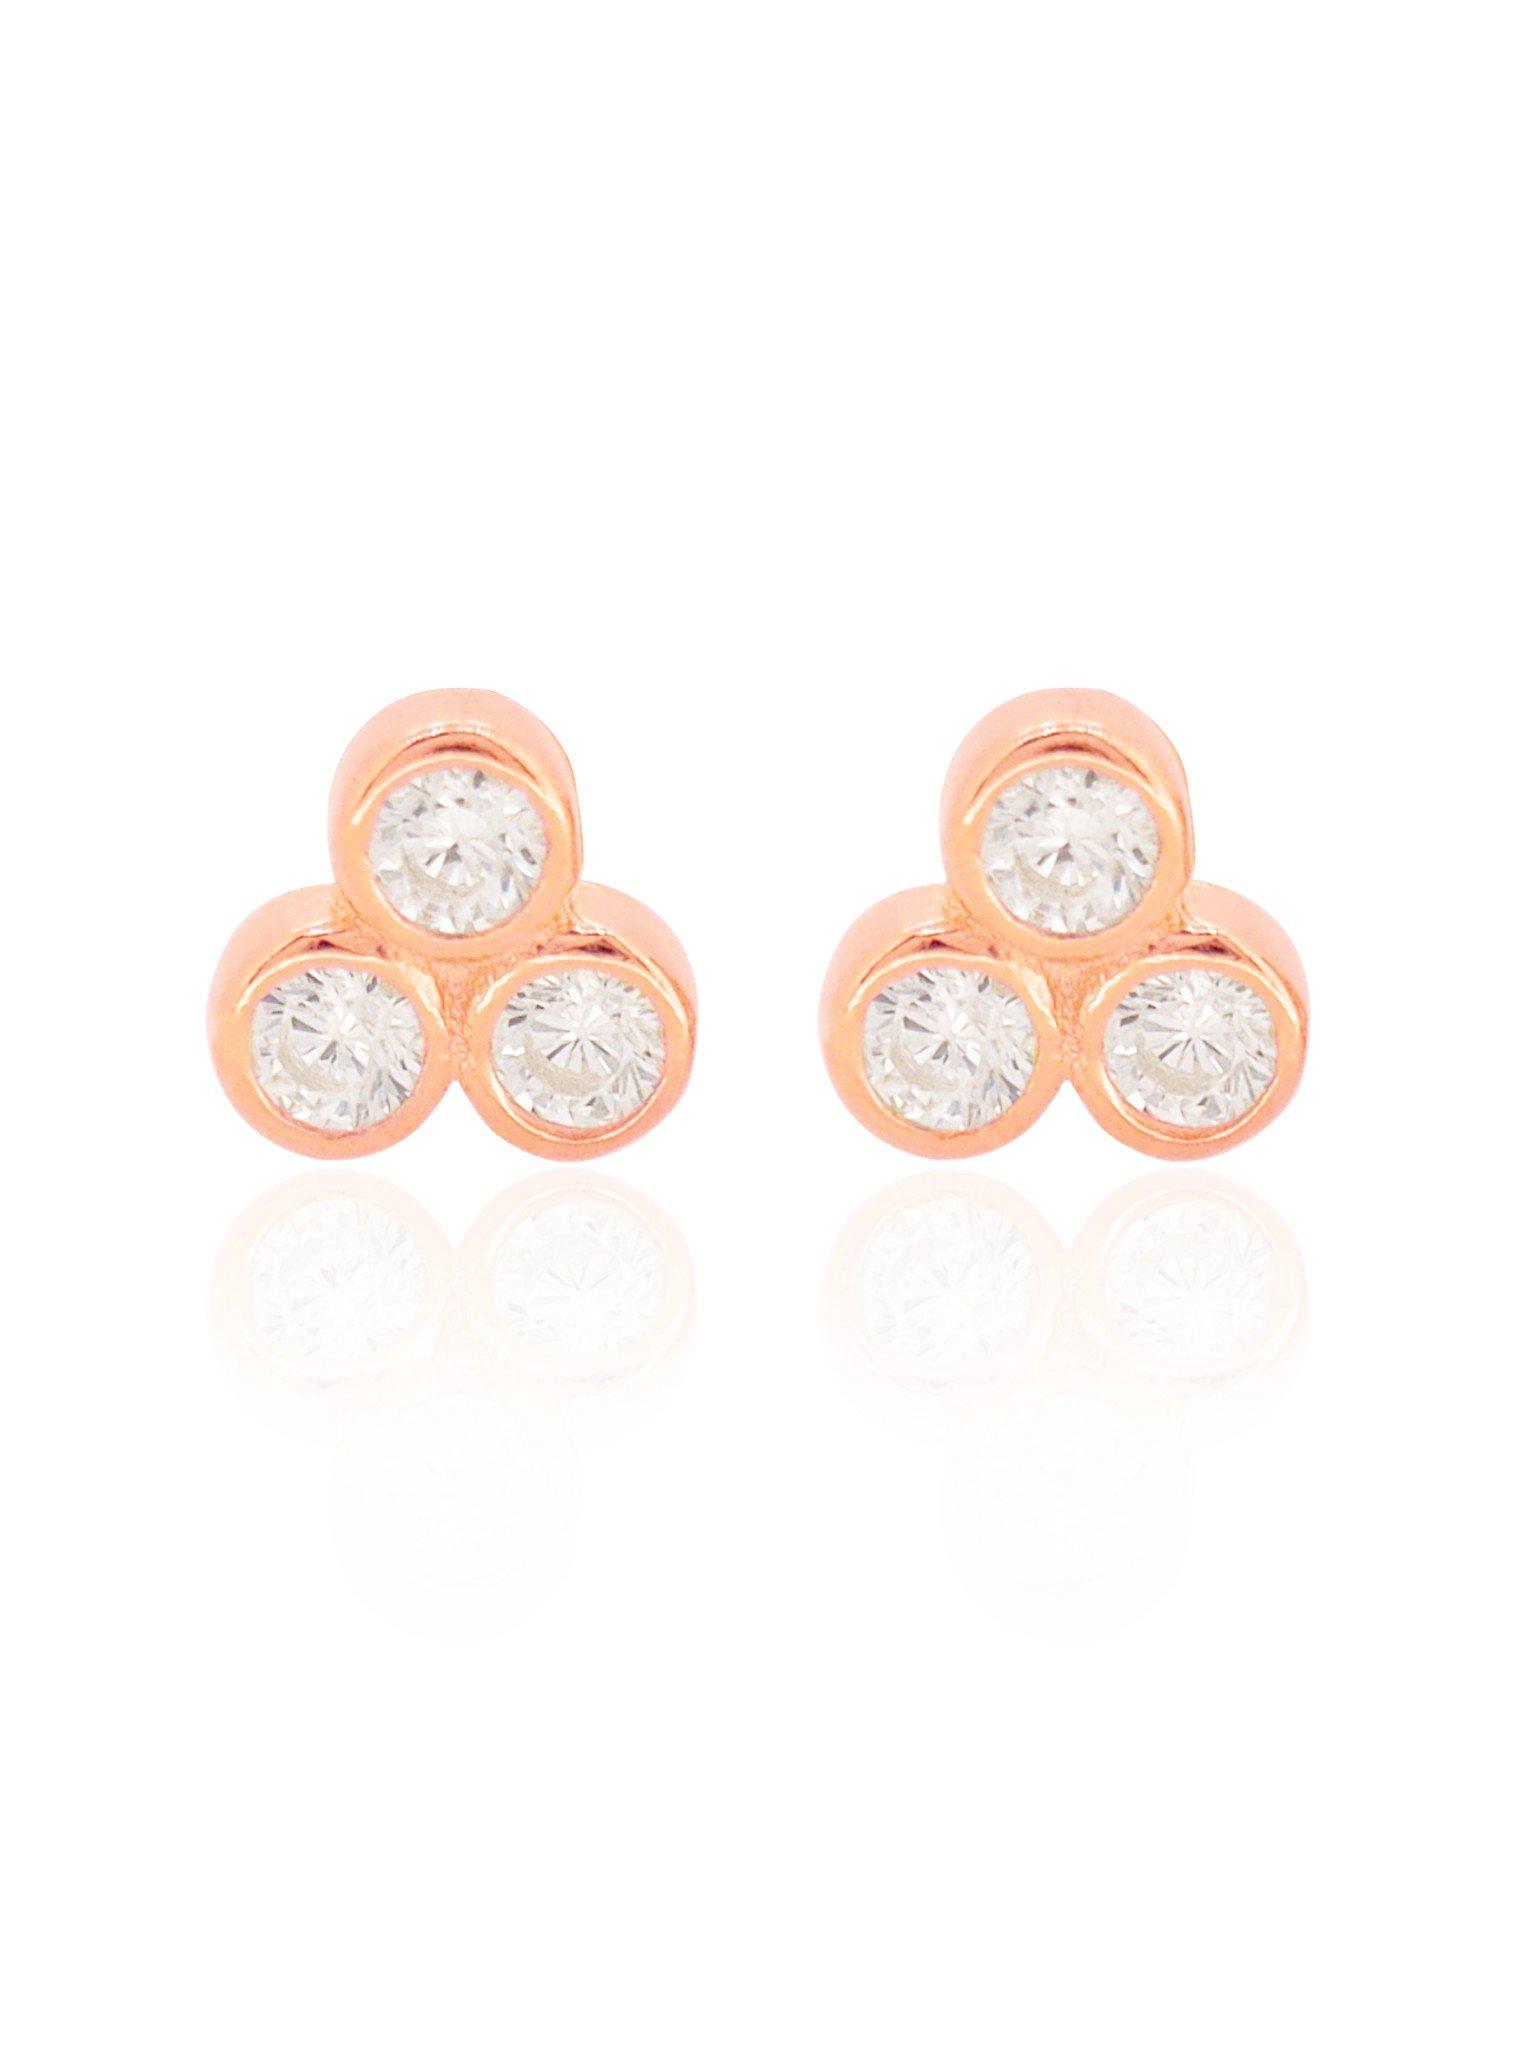 Selena Triple CZ Stud Earrings in Rose Gold